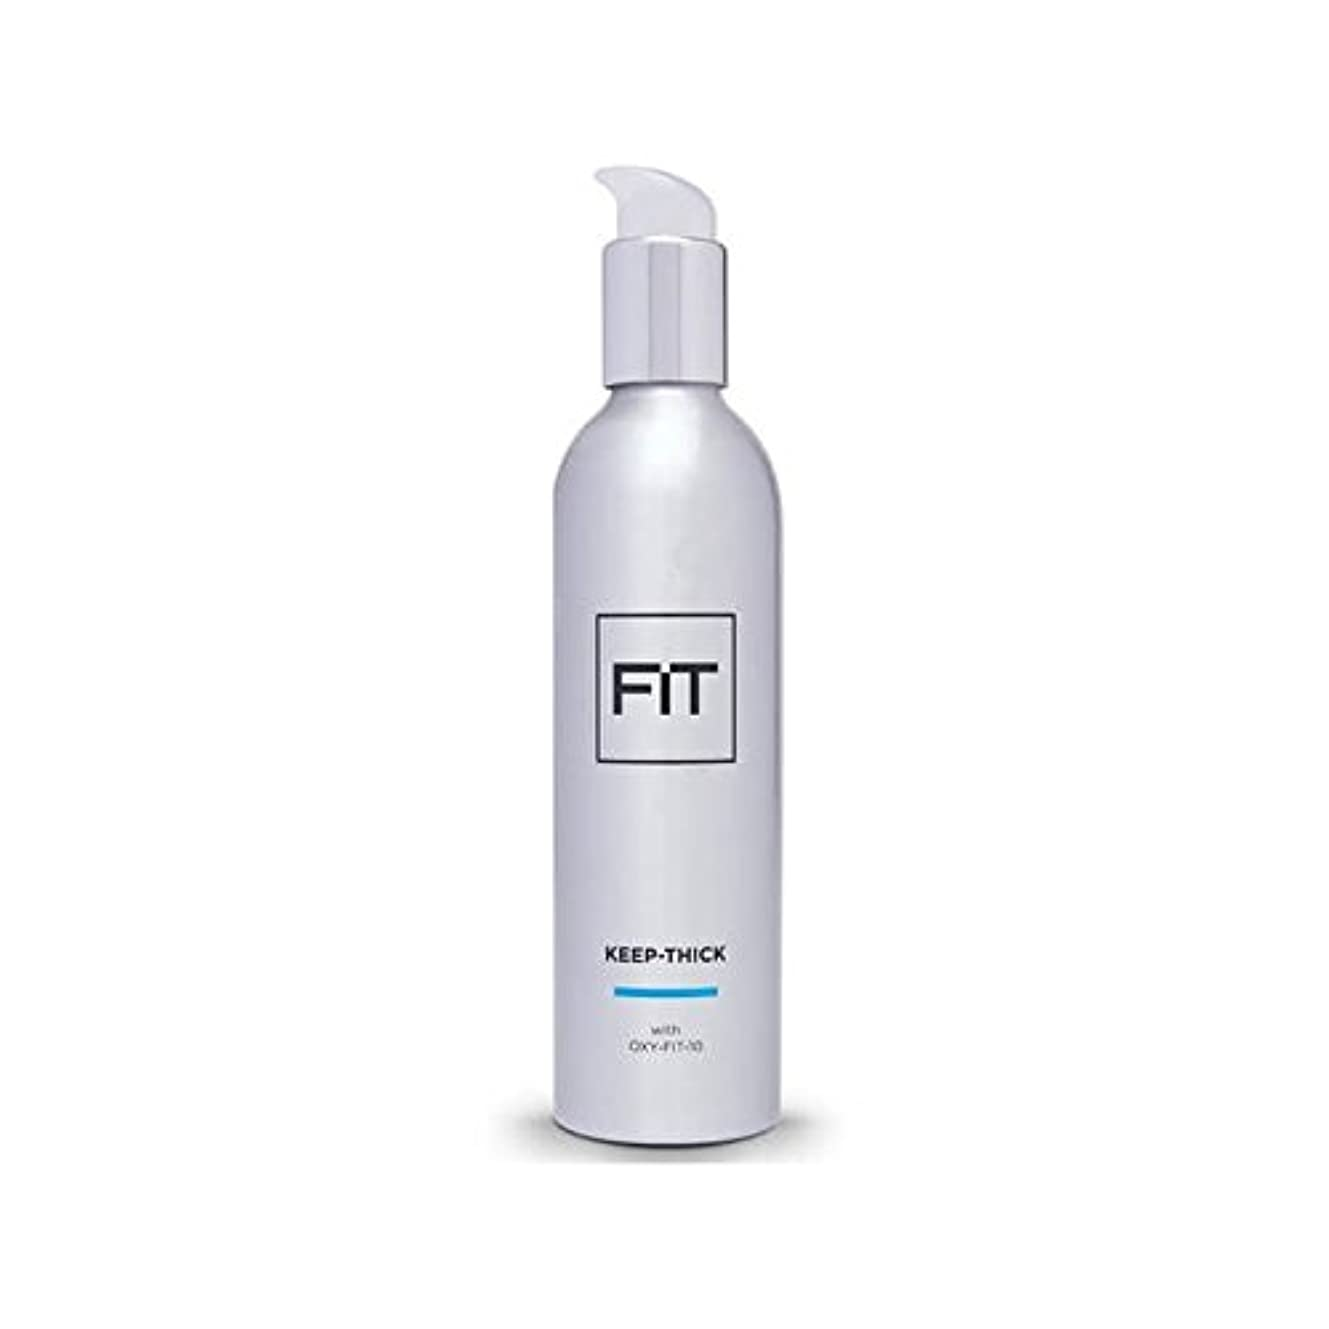 ナチュラうれしい半球Fit Keep Thick Hair Treatment 250ml - 太いヘアトリートメント250ミリリットルを維持フィット [並行輸入品]